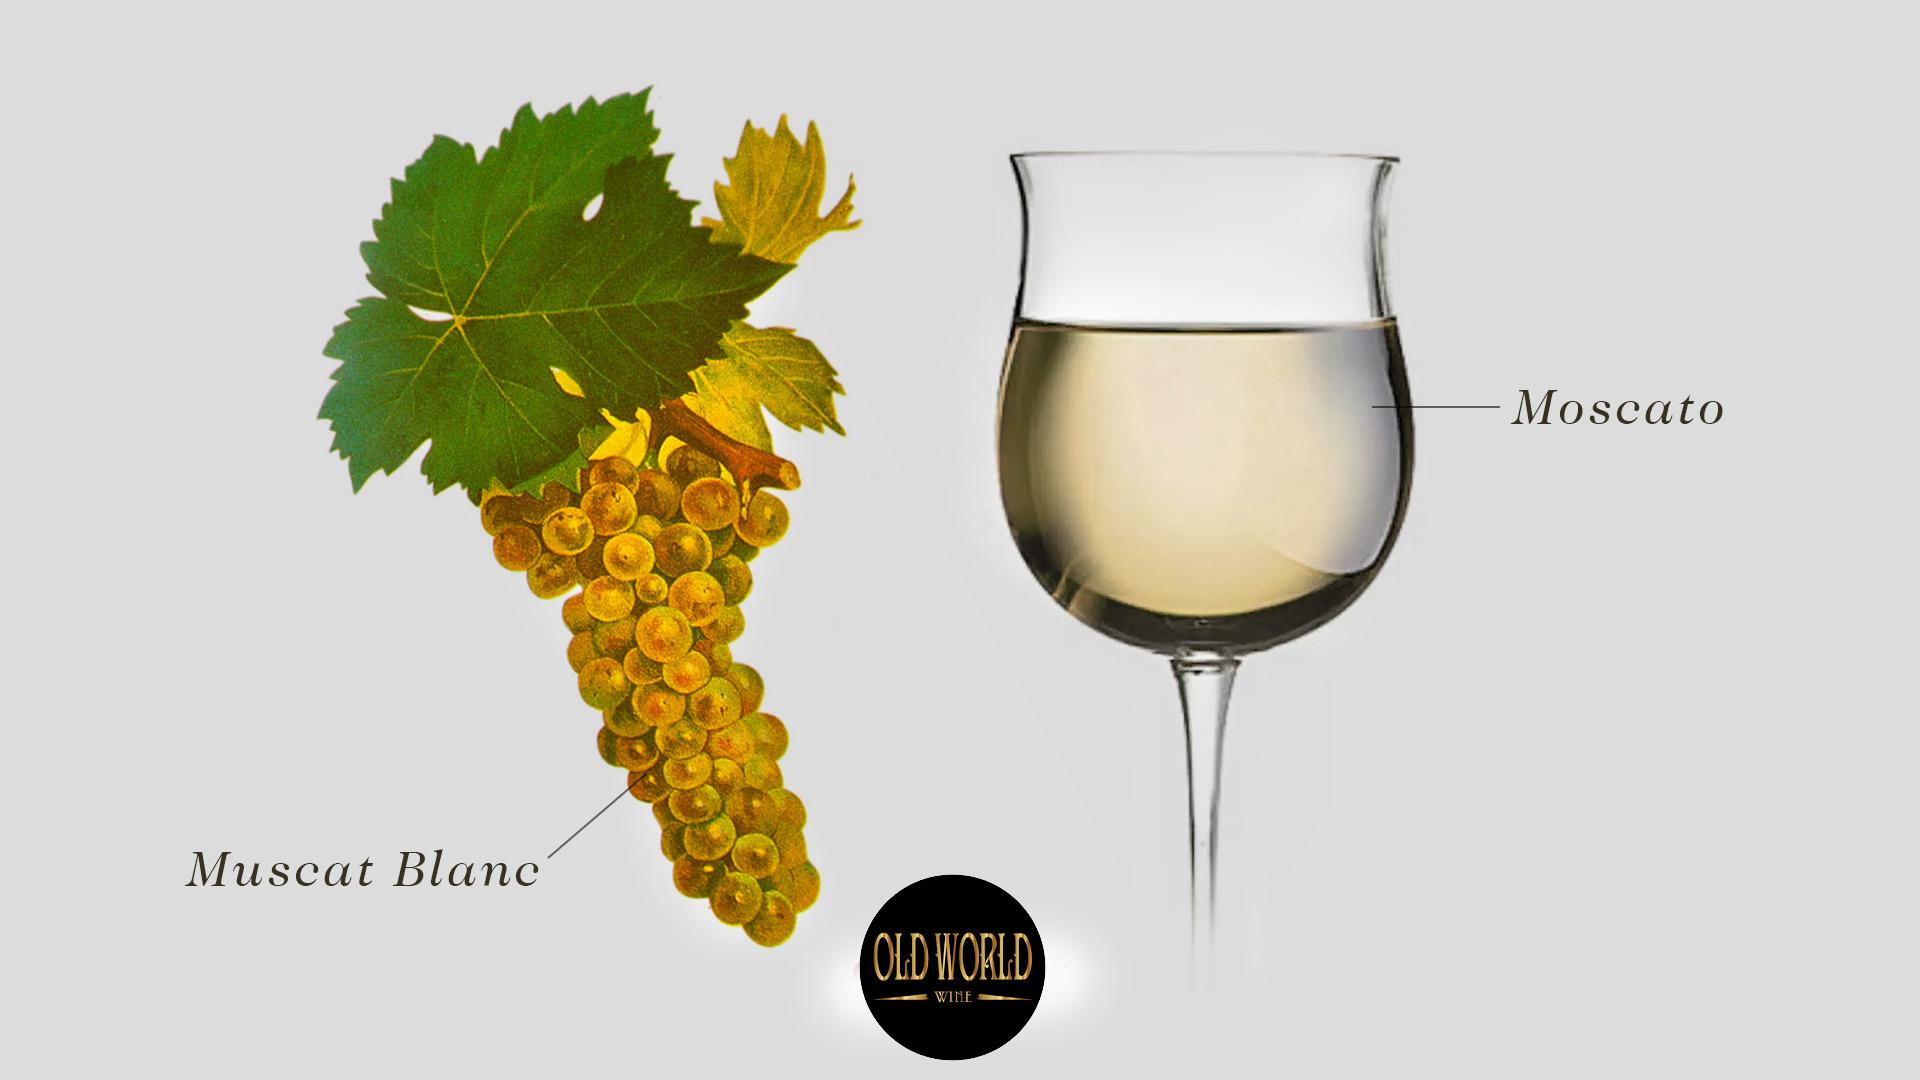 Nho Muscat là gì? Tìm hiểu về rượu vang Moscato và 5 kiểu chính